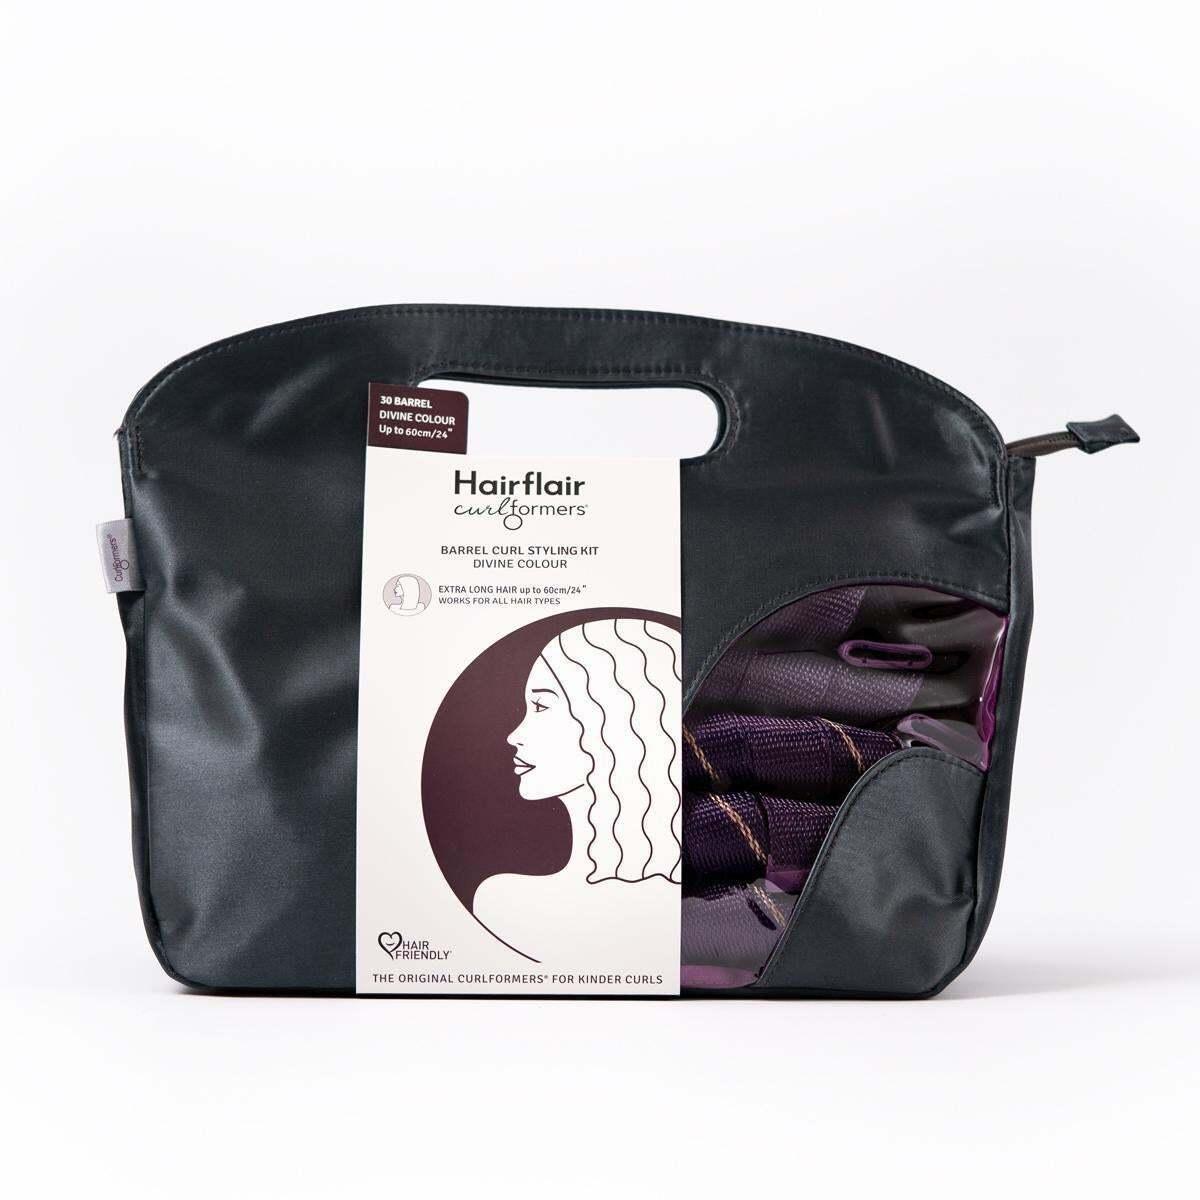 Bild 1 von Hairflair curlformers Barrel Curl Styling Kit